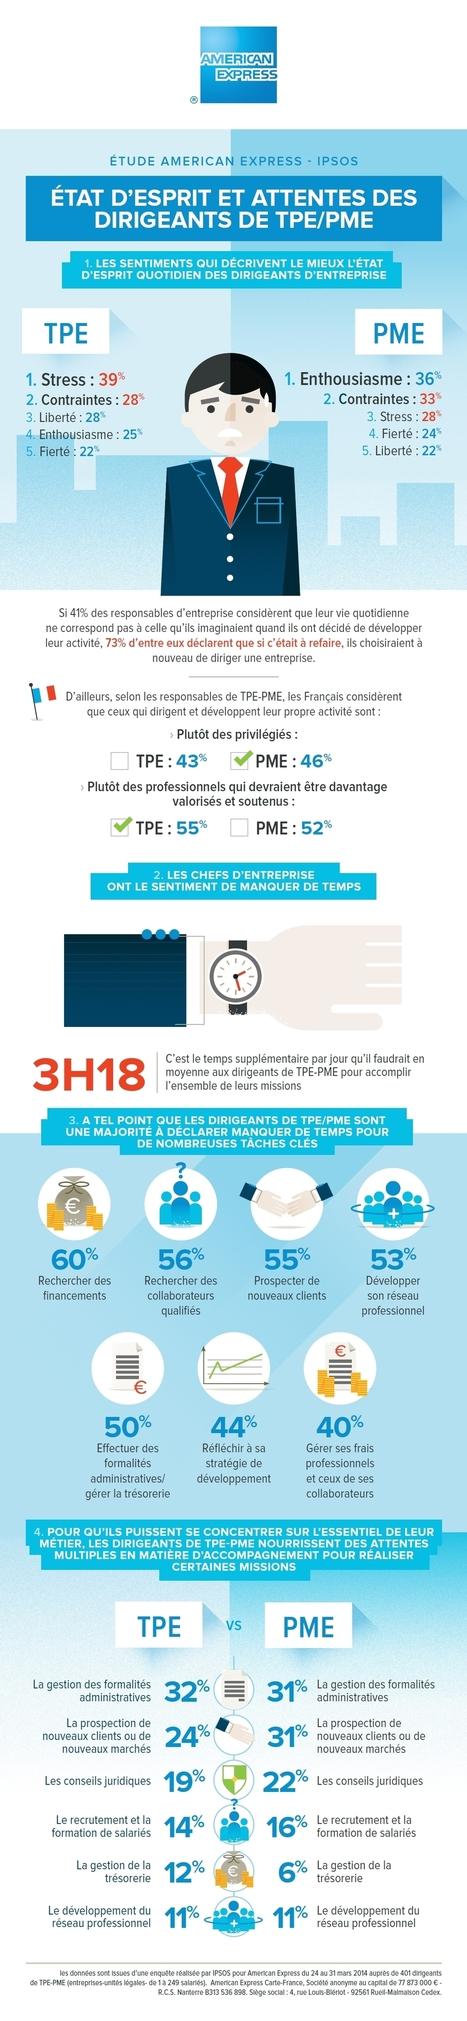 Infographie | TPE & PME - un quotidien stressant, marqué par le ... - Finyear.com | Actualité Ressources Humaines PME PMI Lyon par Beemin Conseil | Scoop.it